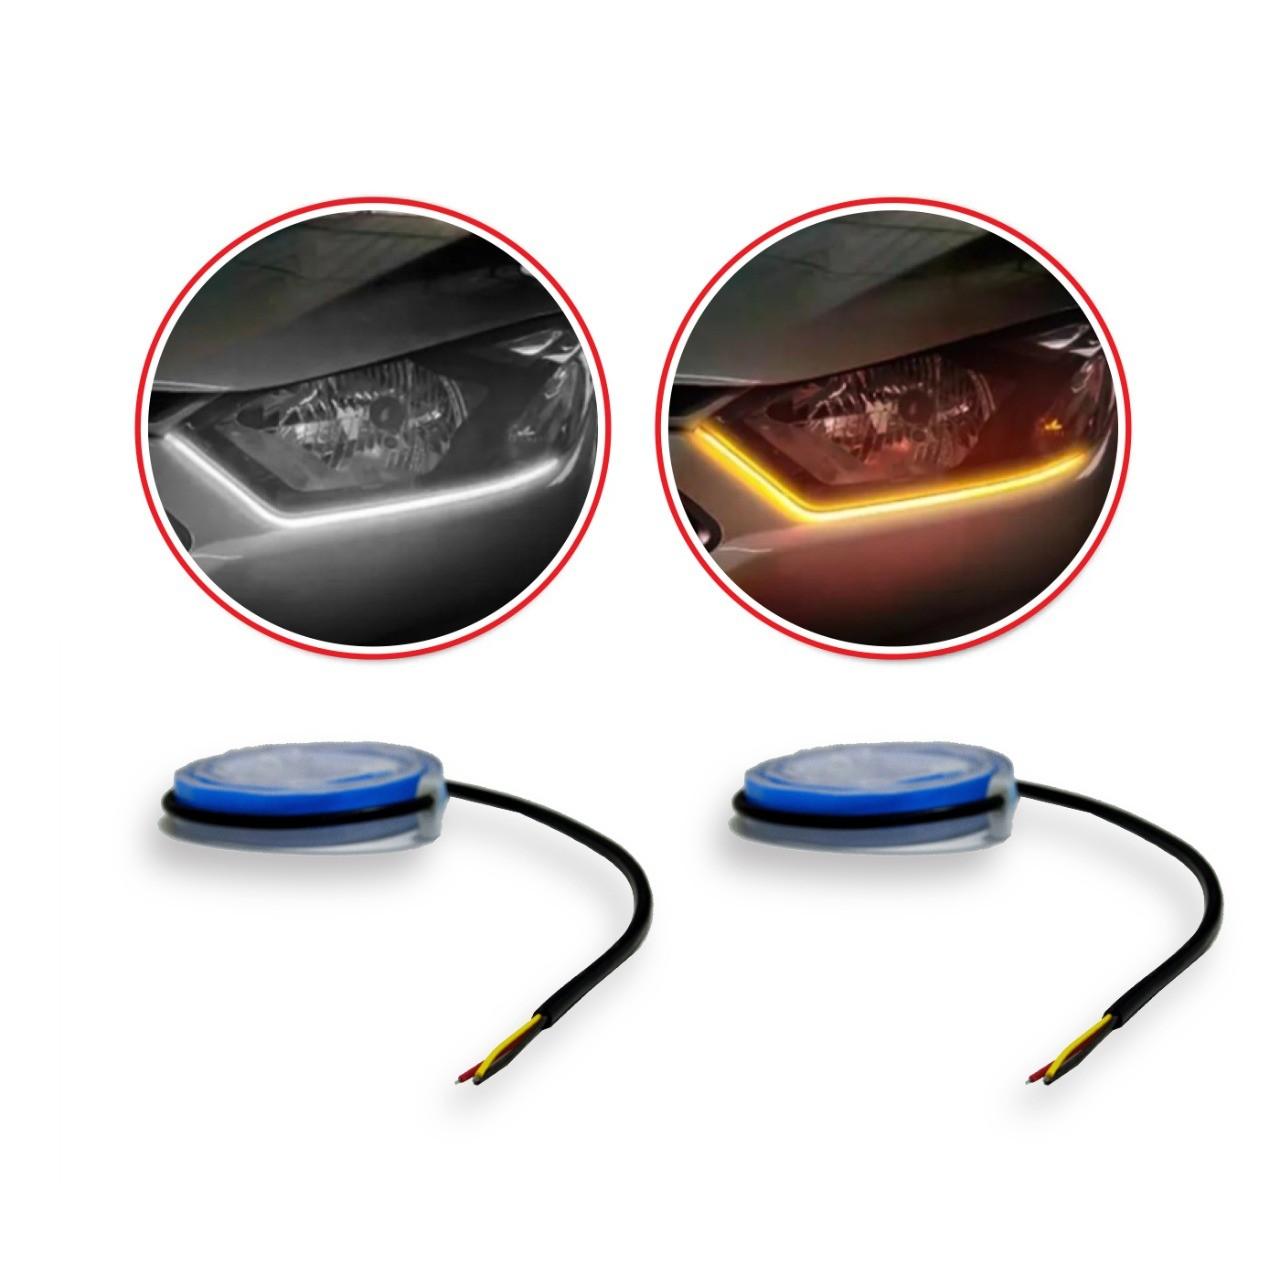 Fita de Led DLR com Pisca Dual Color 60 CM Universal Suns FDR706